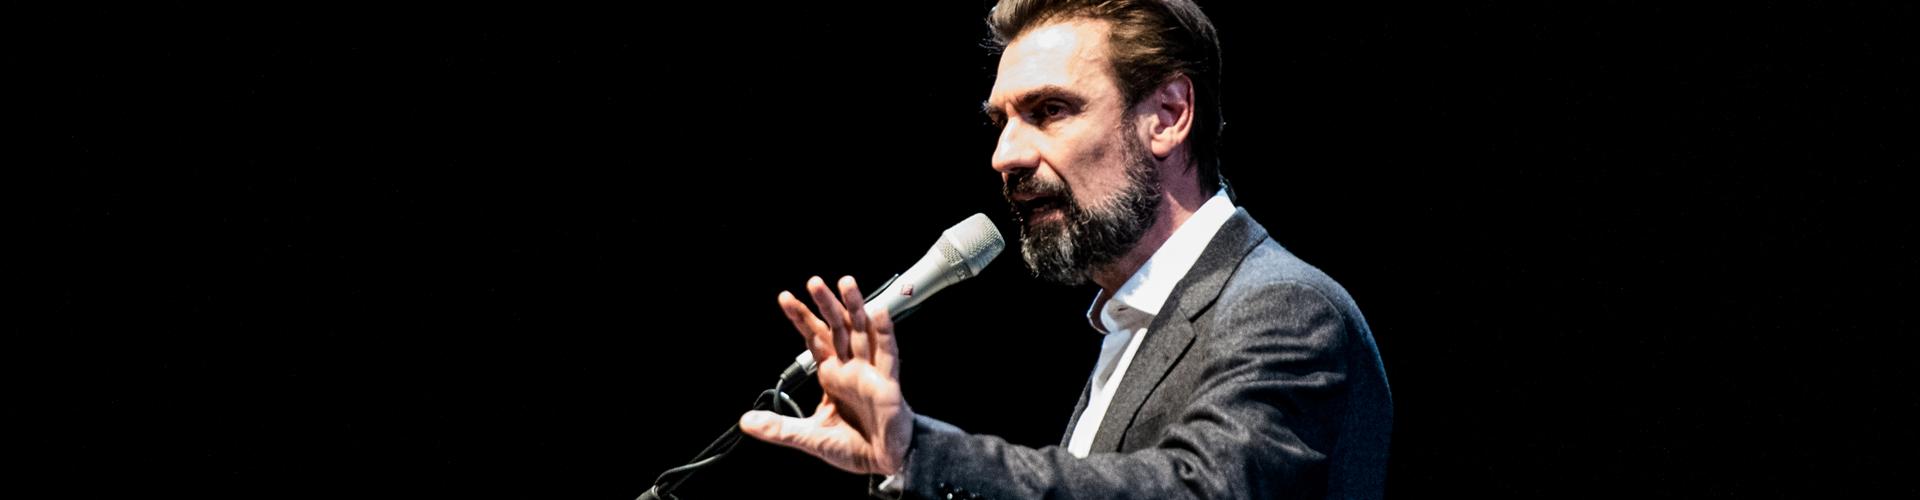 """""""I sommersi e i salvati"""" - Festival Biennale Democrazia, Teatro Regio di Torino - 27 marzo 2019 - Foto di Alessandro Bosio"""